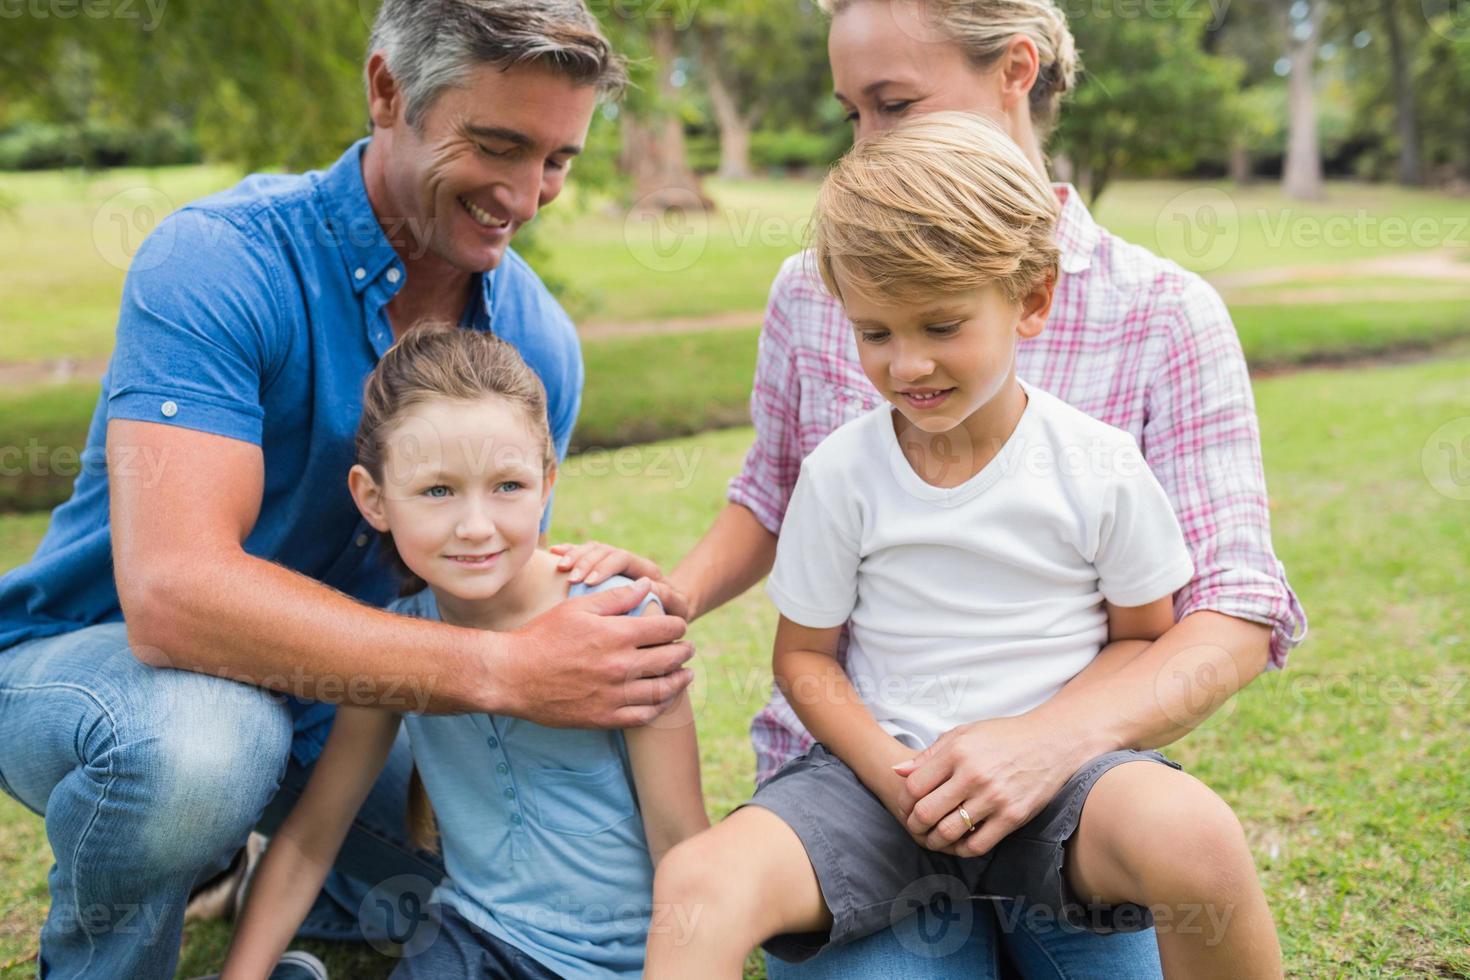 famiglia felice nel parco foto